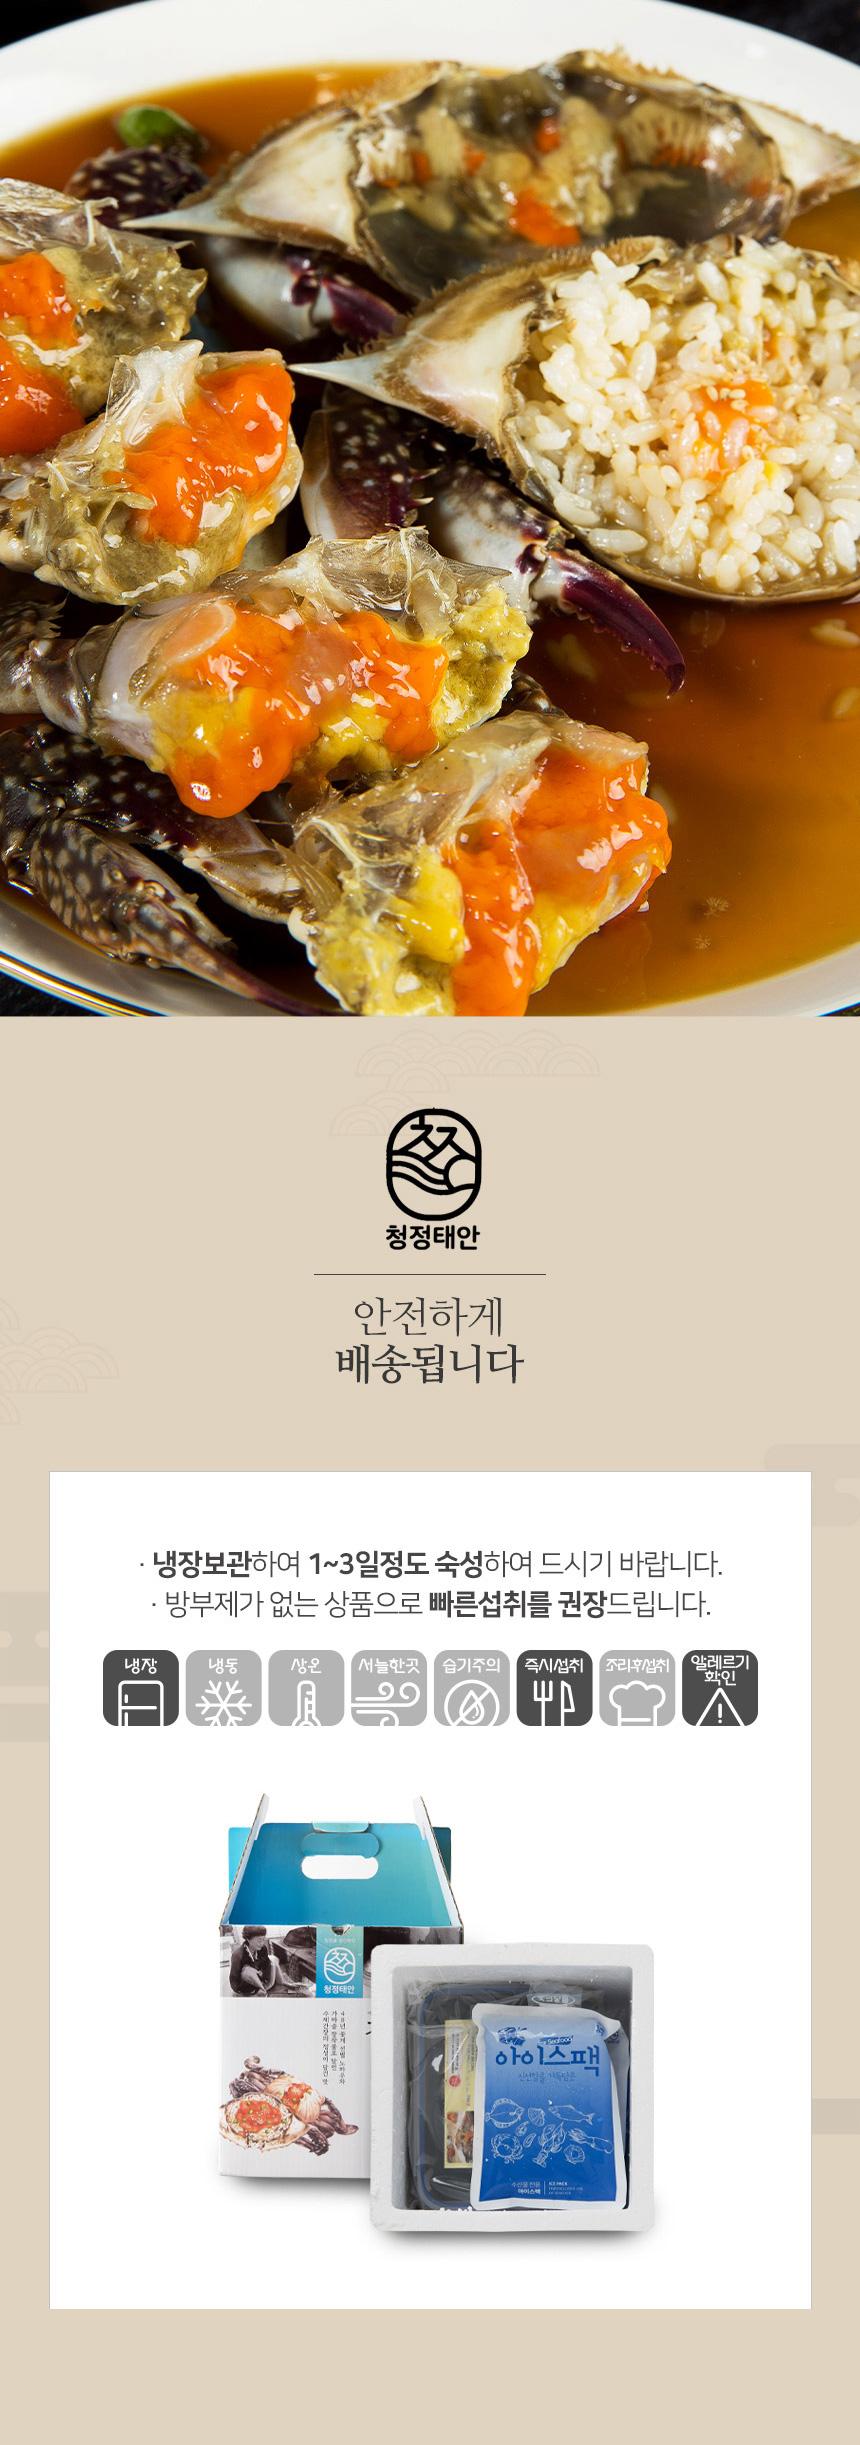 김명월꽃게장_07.jpg